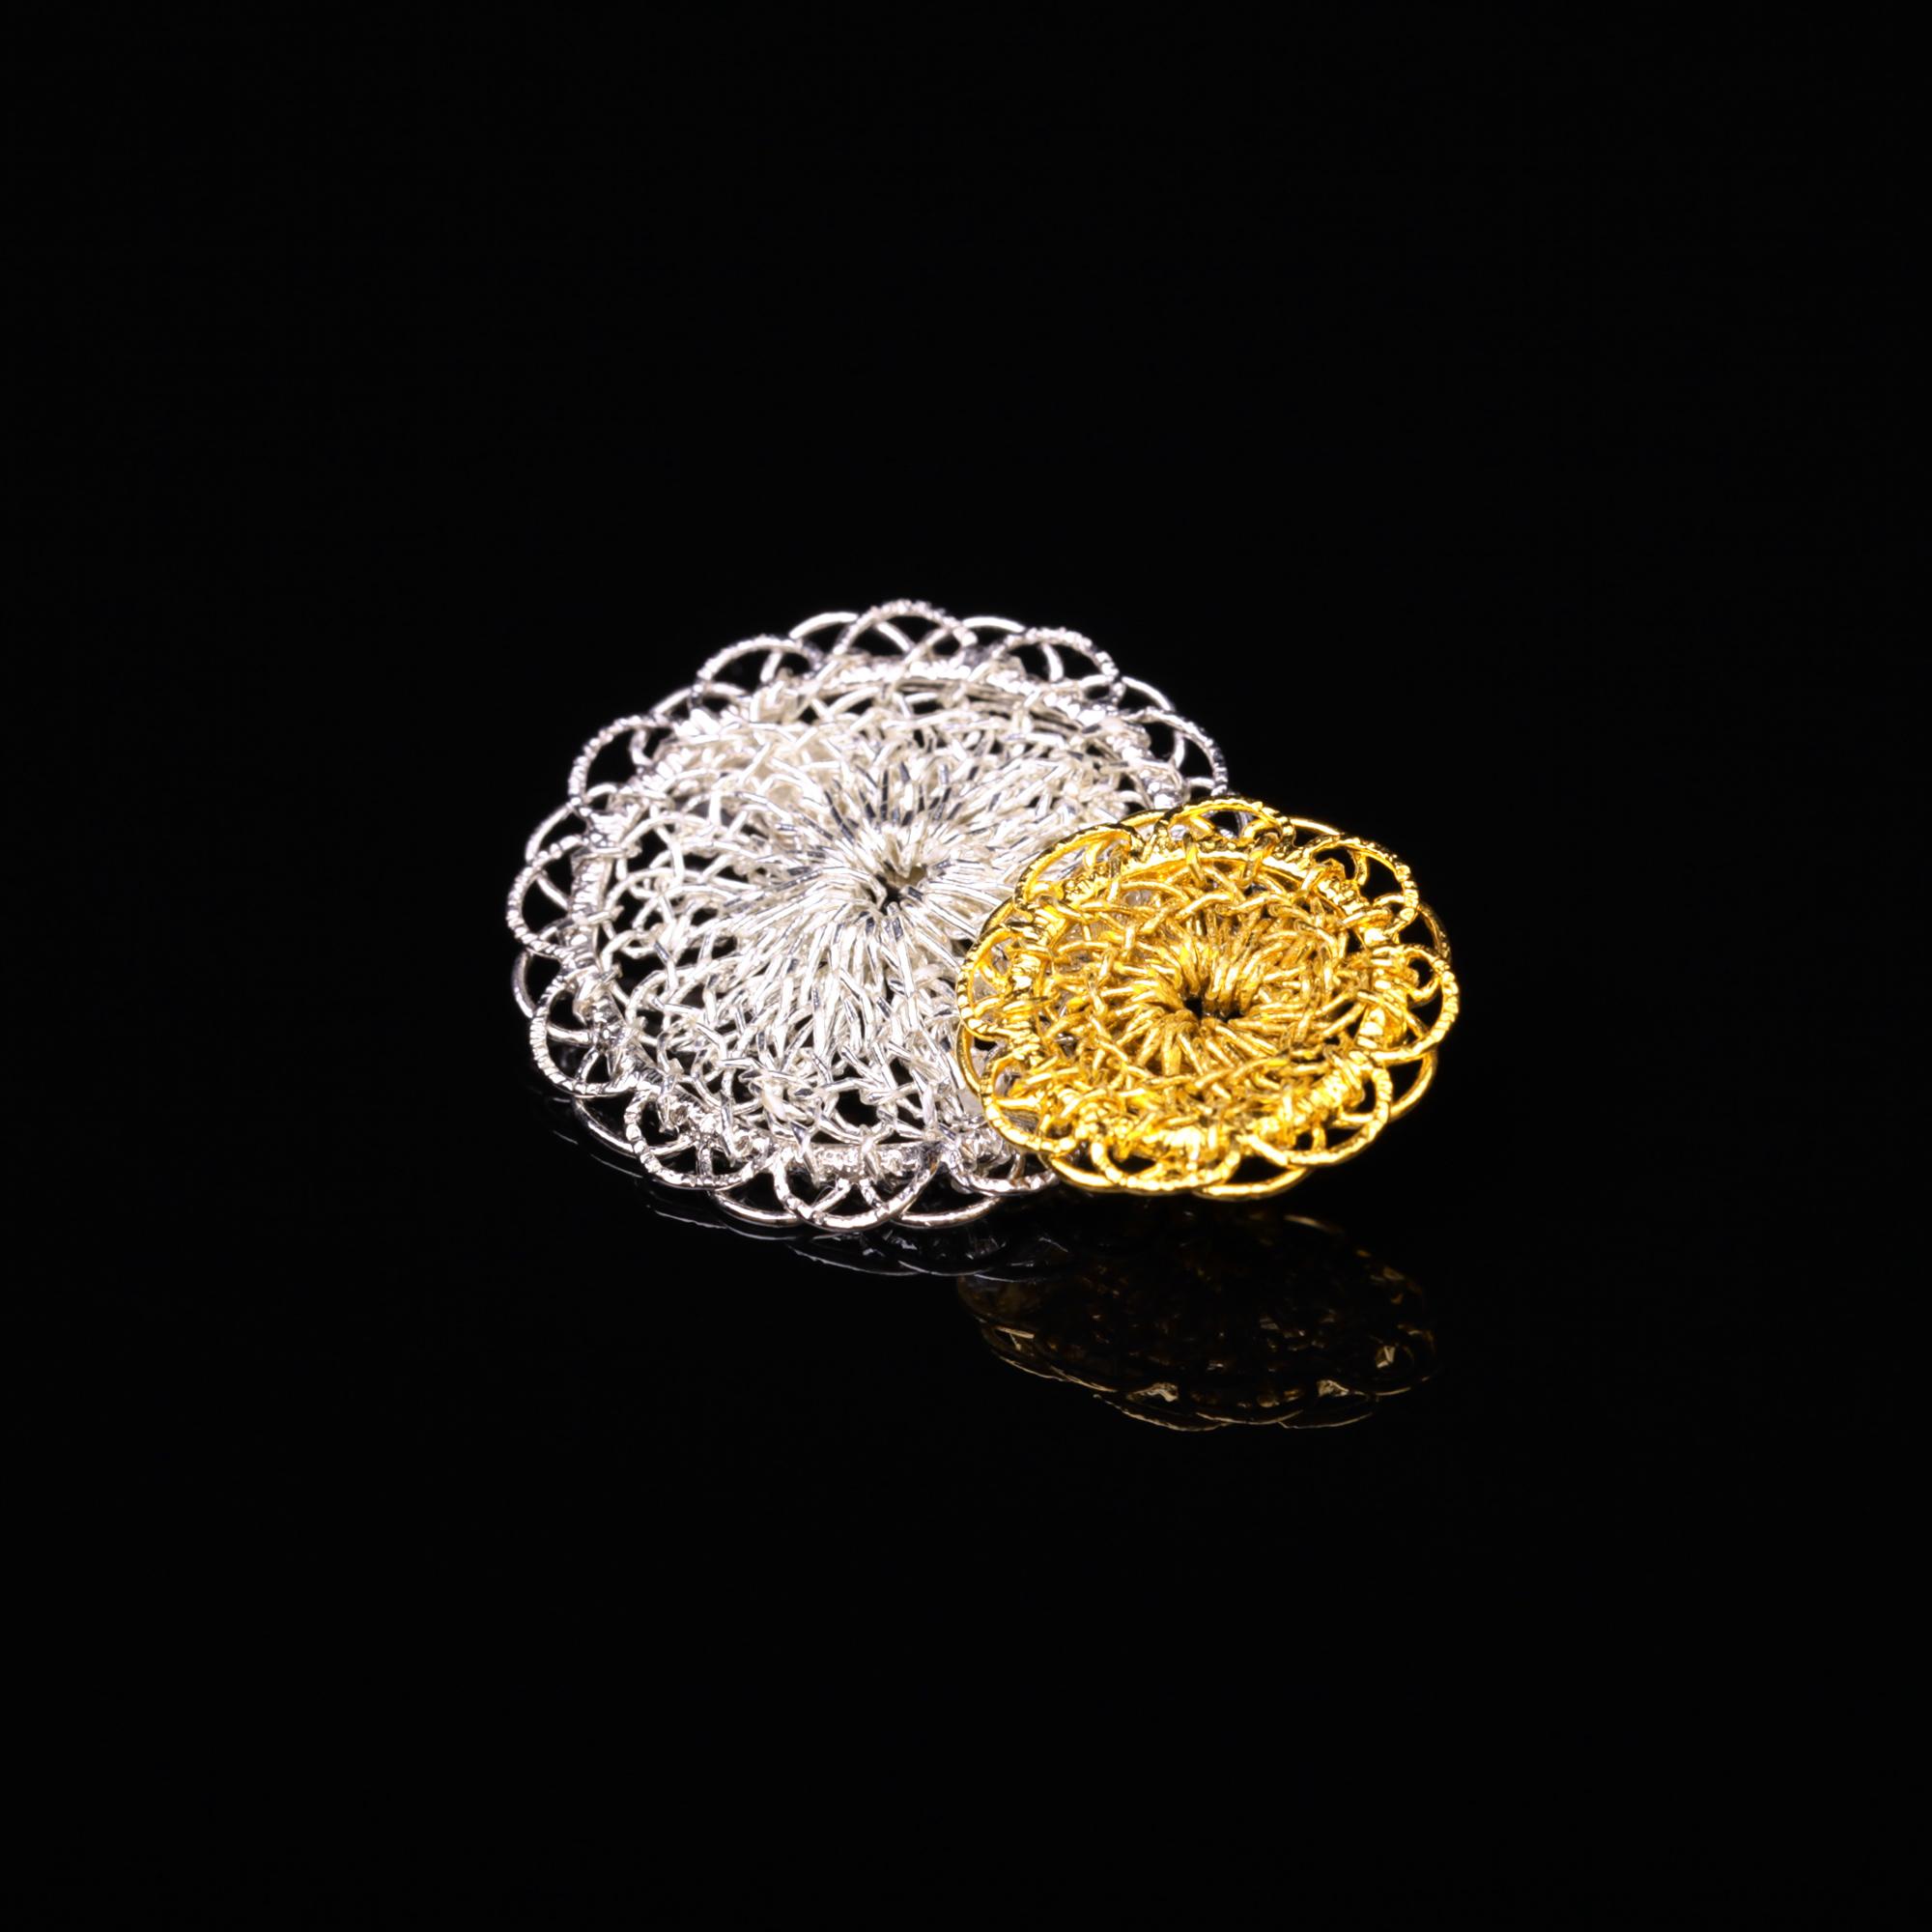 花のデザインが特徴的な和の彩 金銀糸ブローチの商品写真です。型番:659-146 画像その1